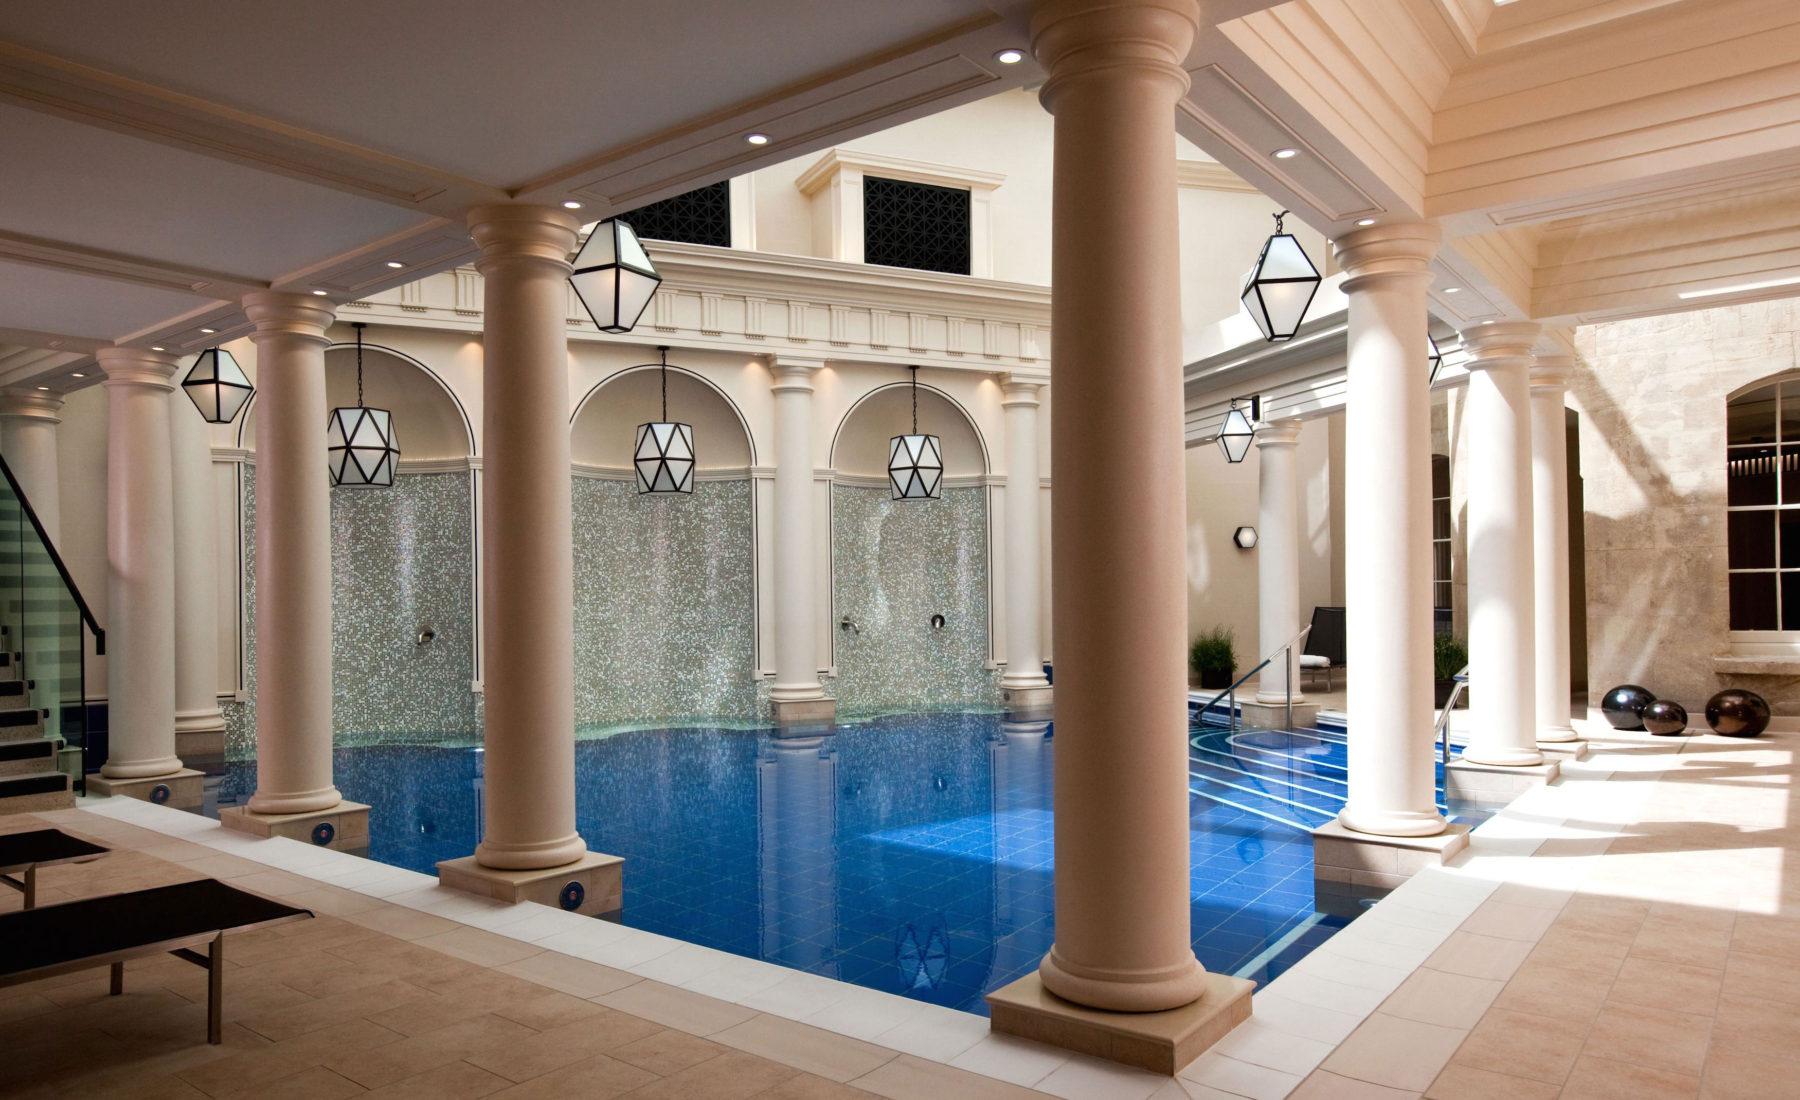 The Gainsborough Bath